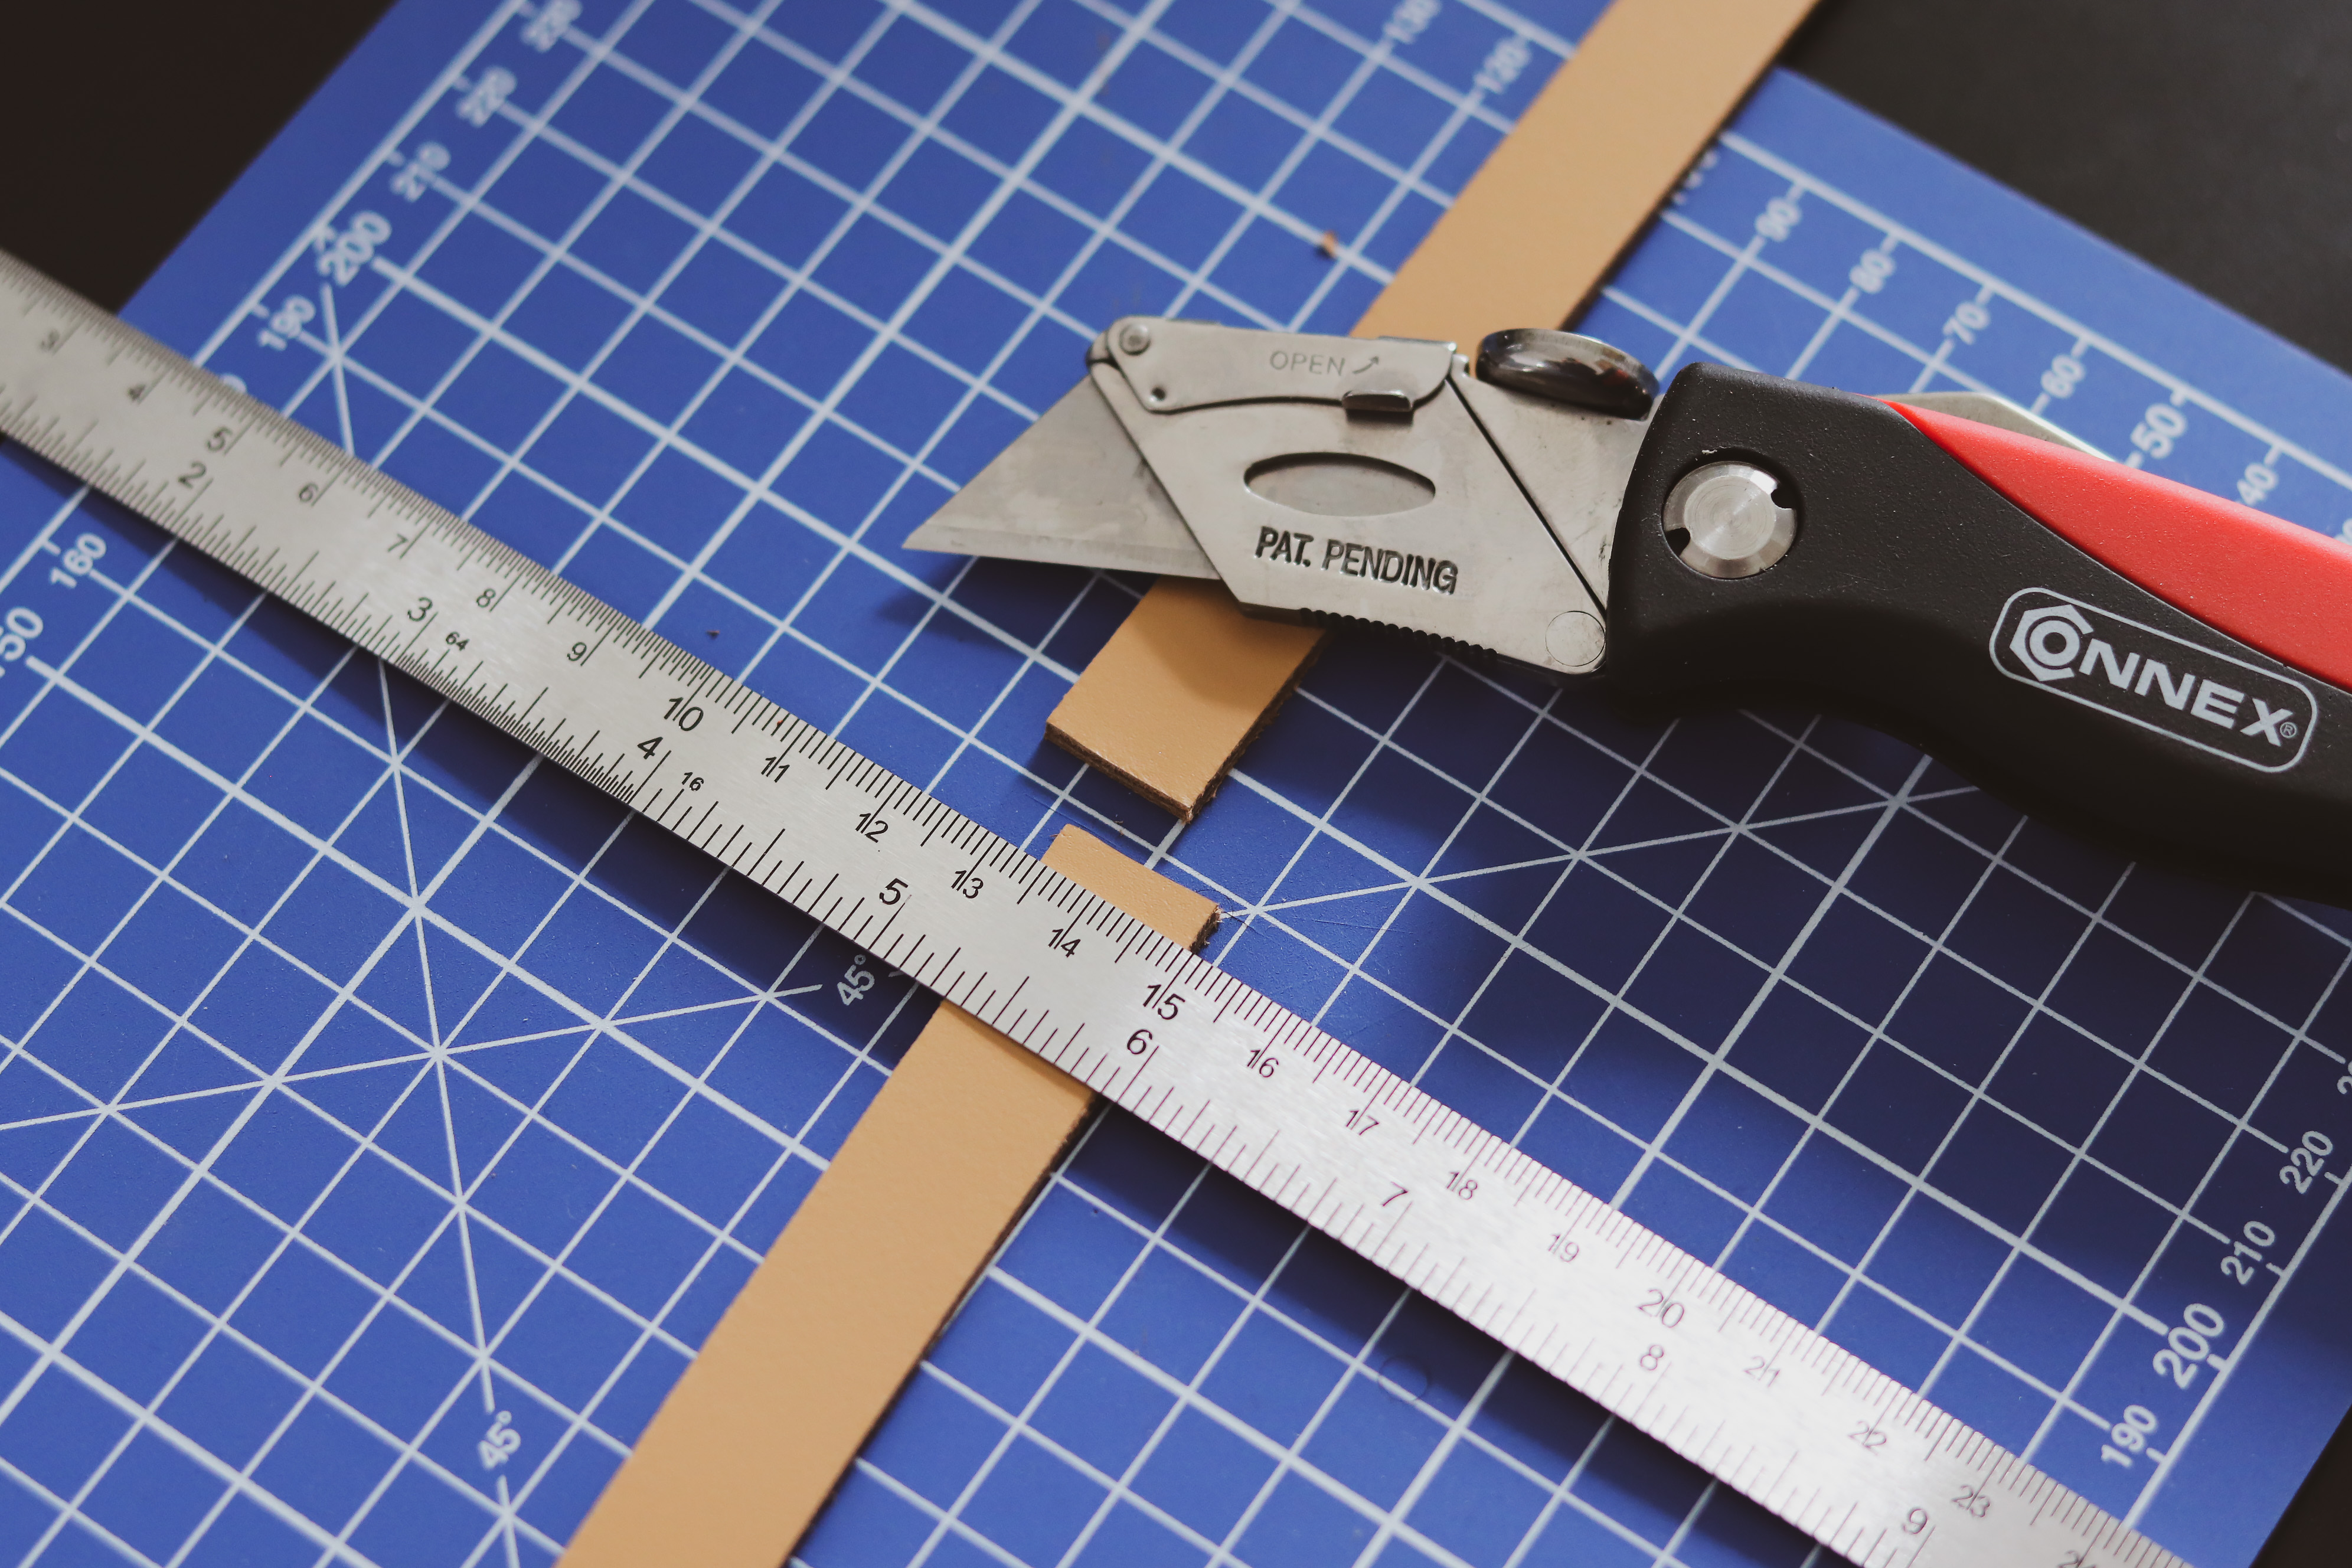 Découpe lanière de cuir  avec un cutter - Tuto DIY - Cuir en Stock